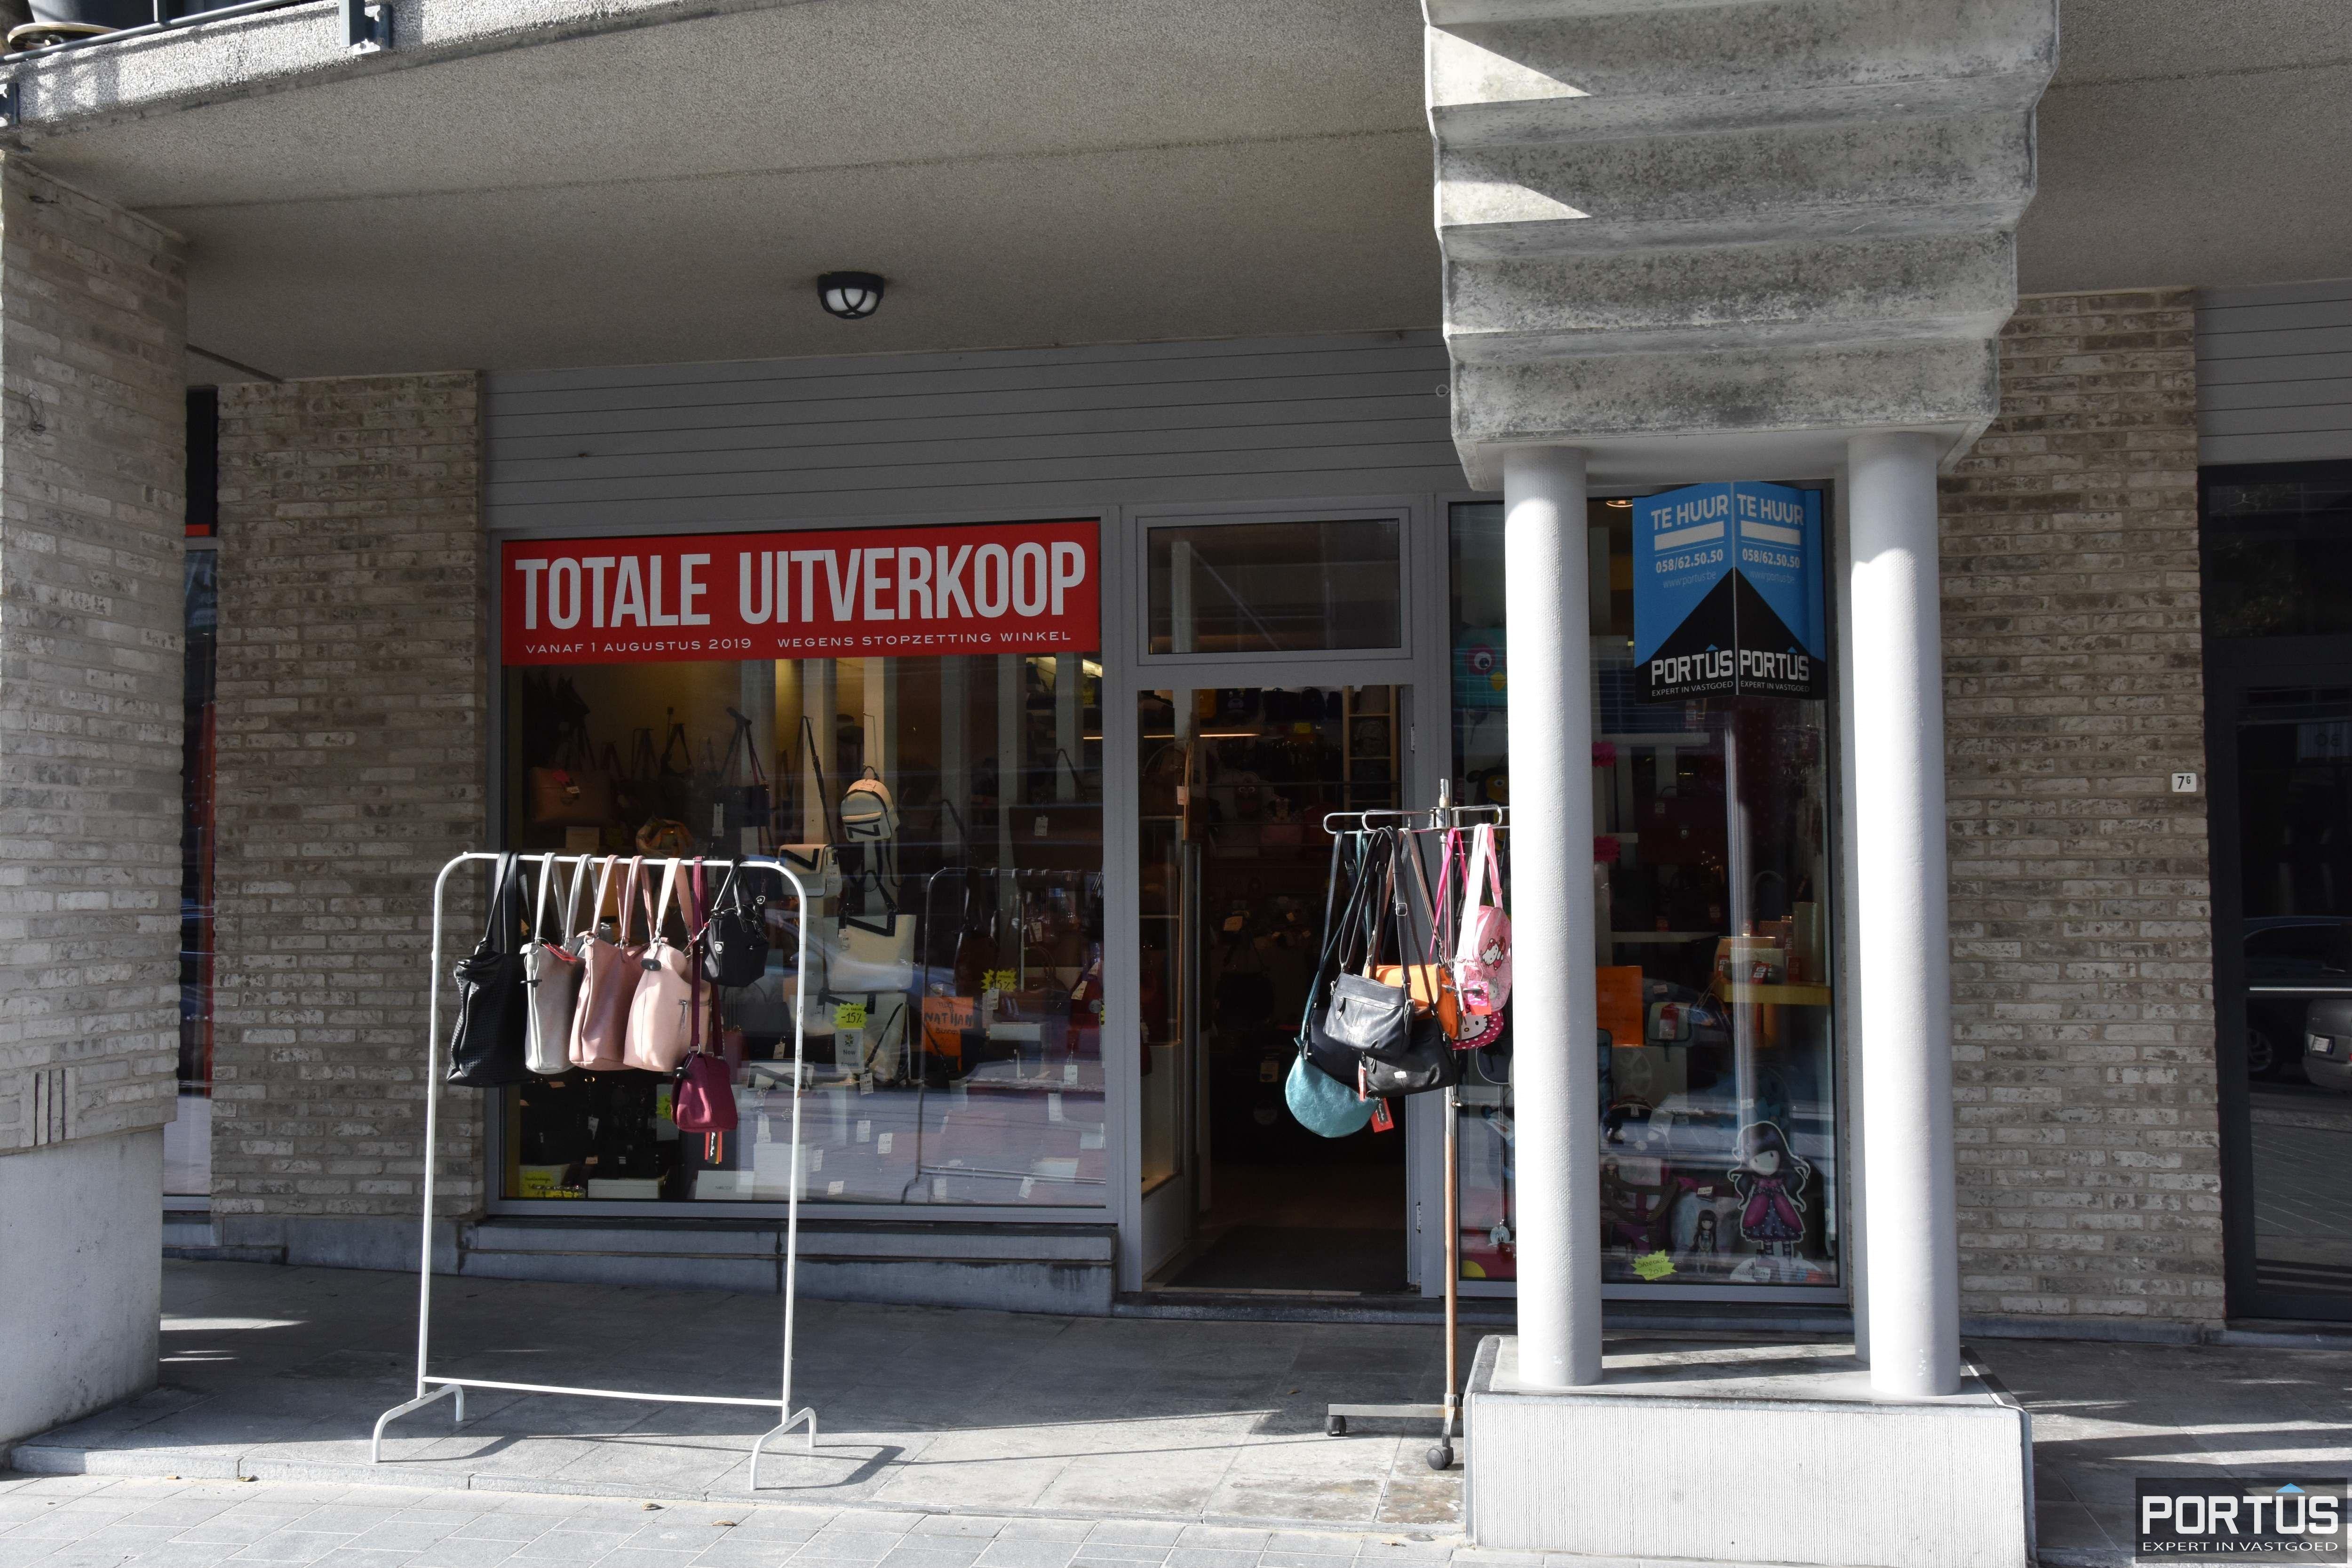 Handelspand te huur gelegen op commerciële topligging te Nieuwpoort-Bad - 10027